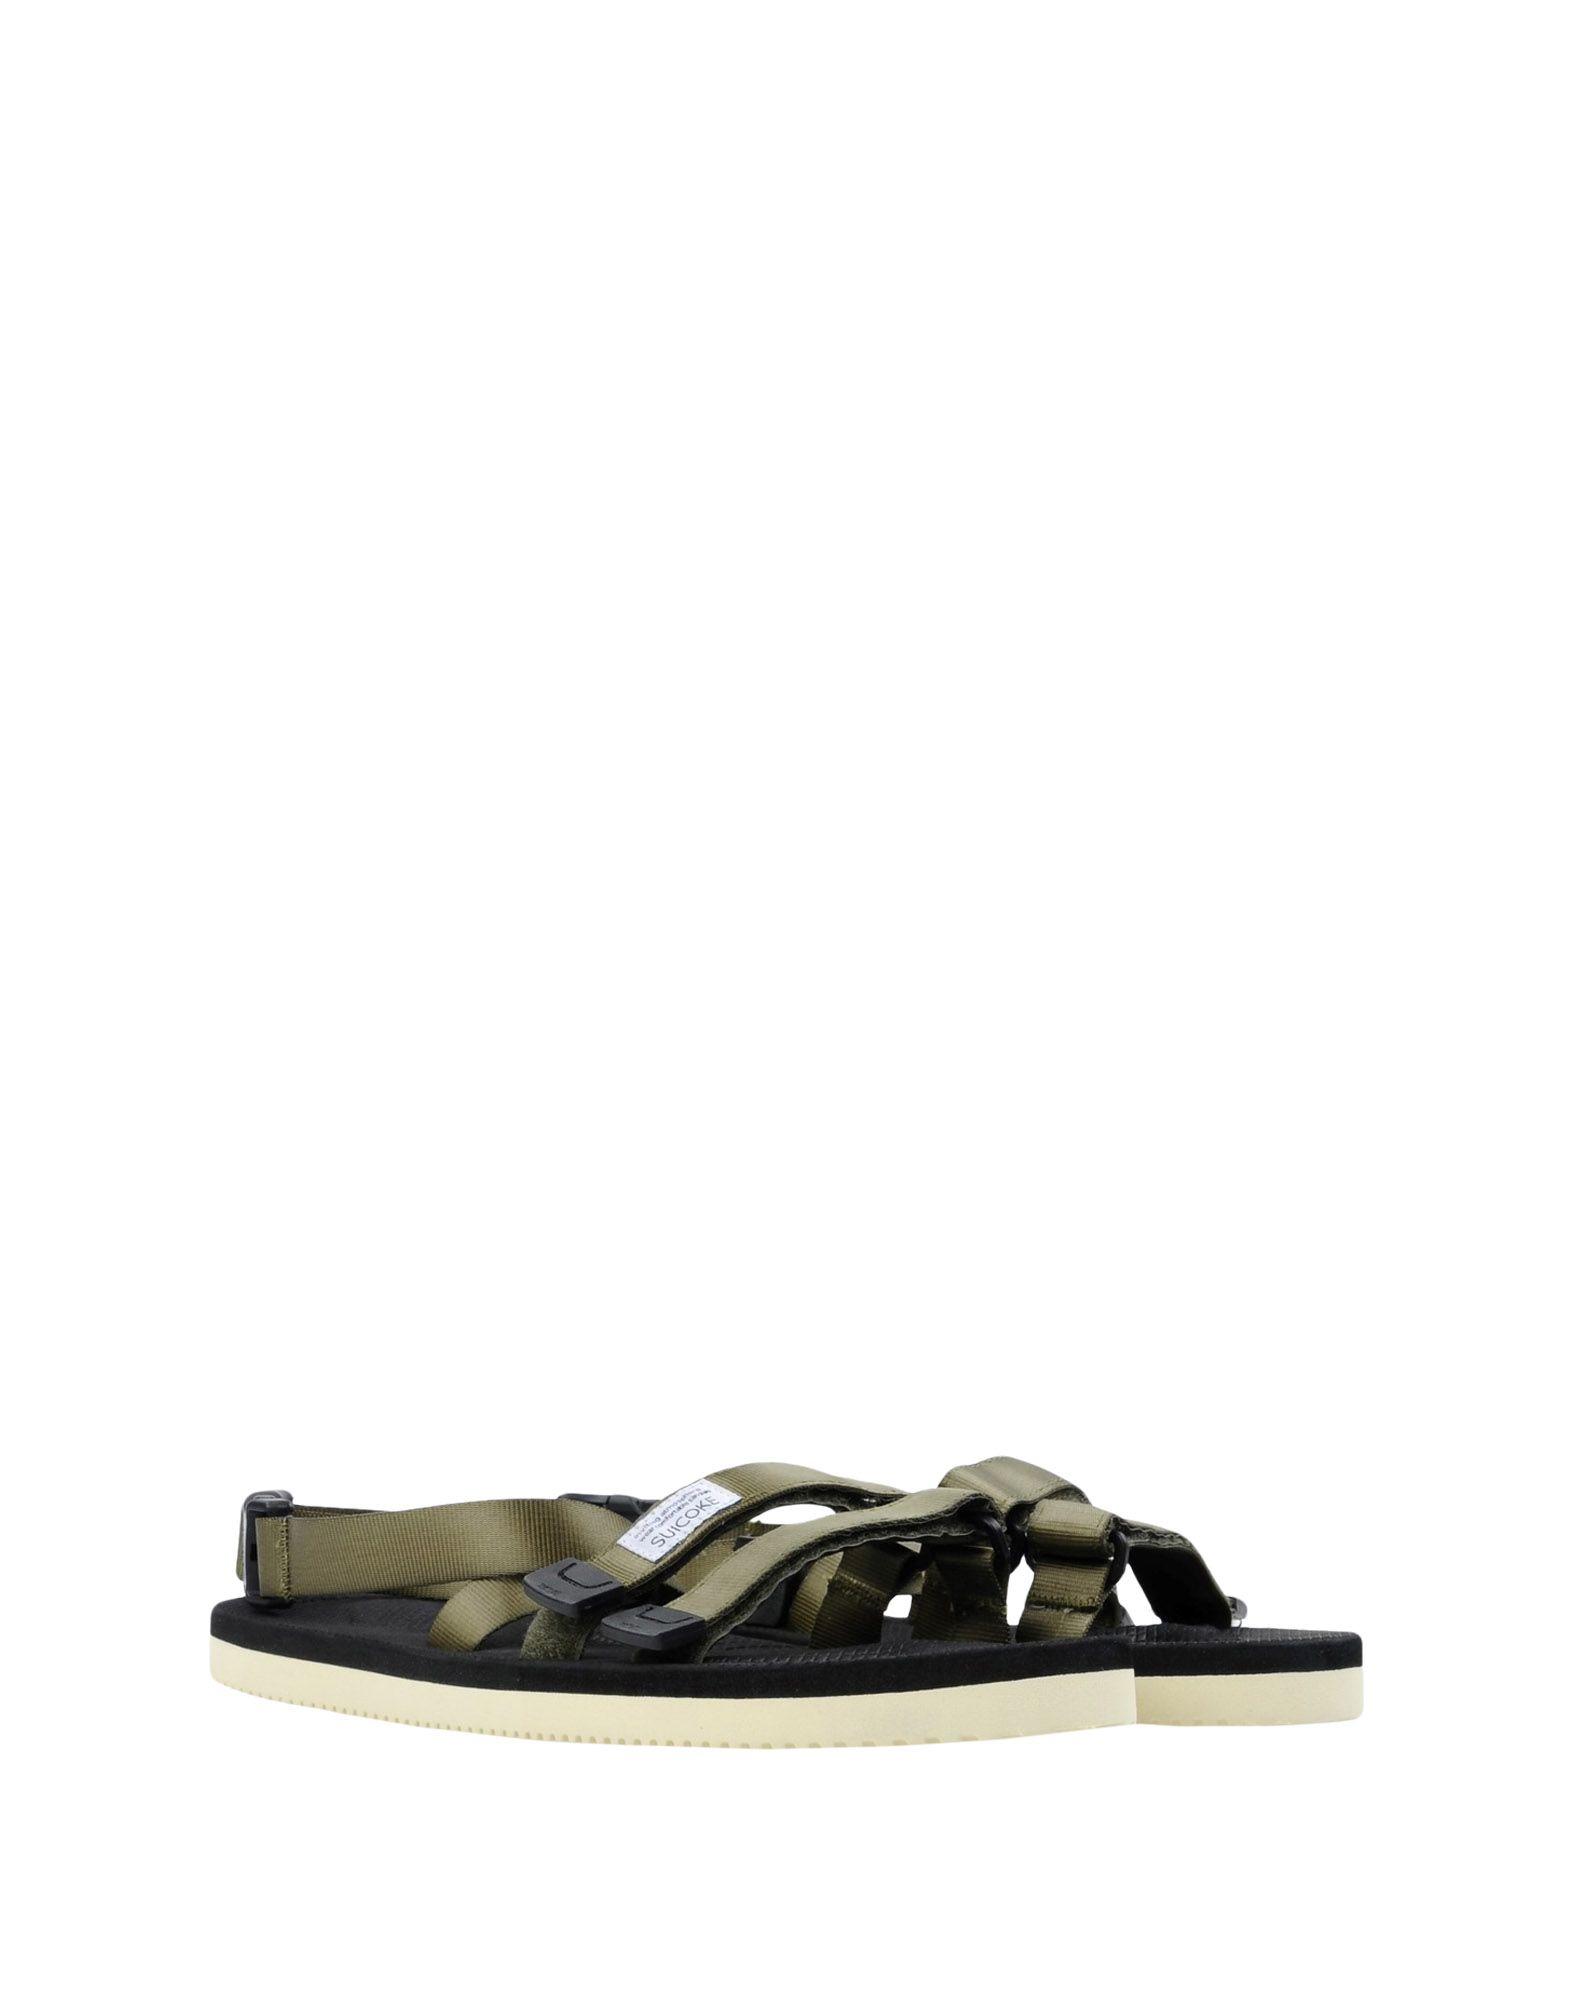 Sandales Suicoke Femme - Sandales Suicoke sur